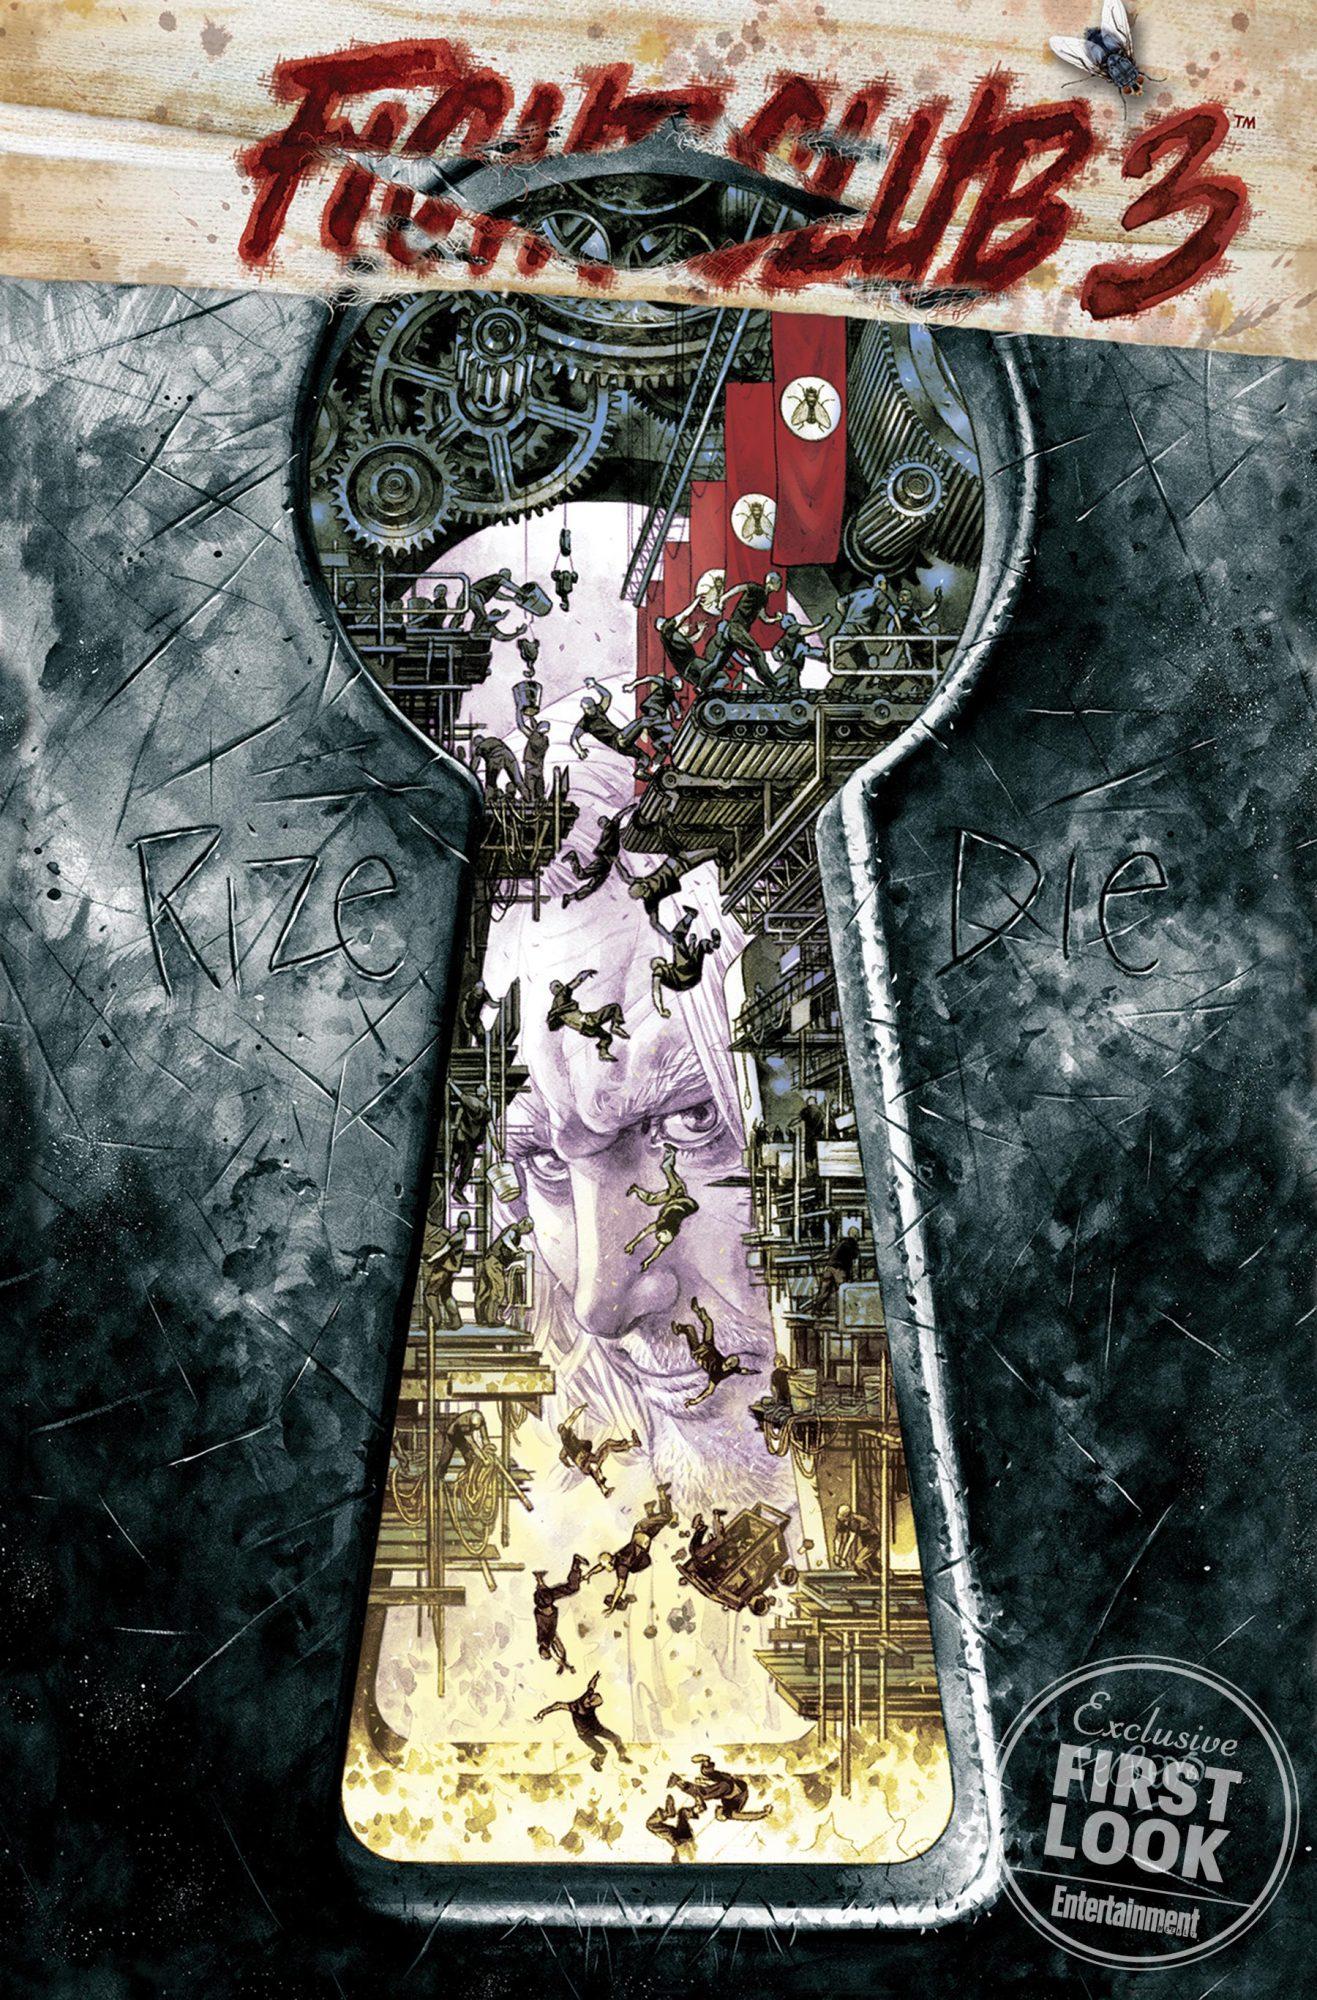 Fight Club 3 comic seriesCredit: Dark Horse Comics